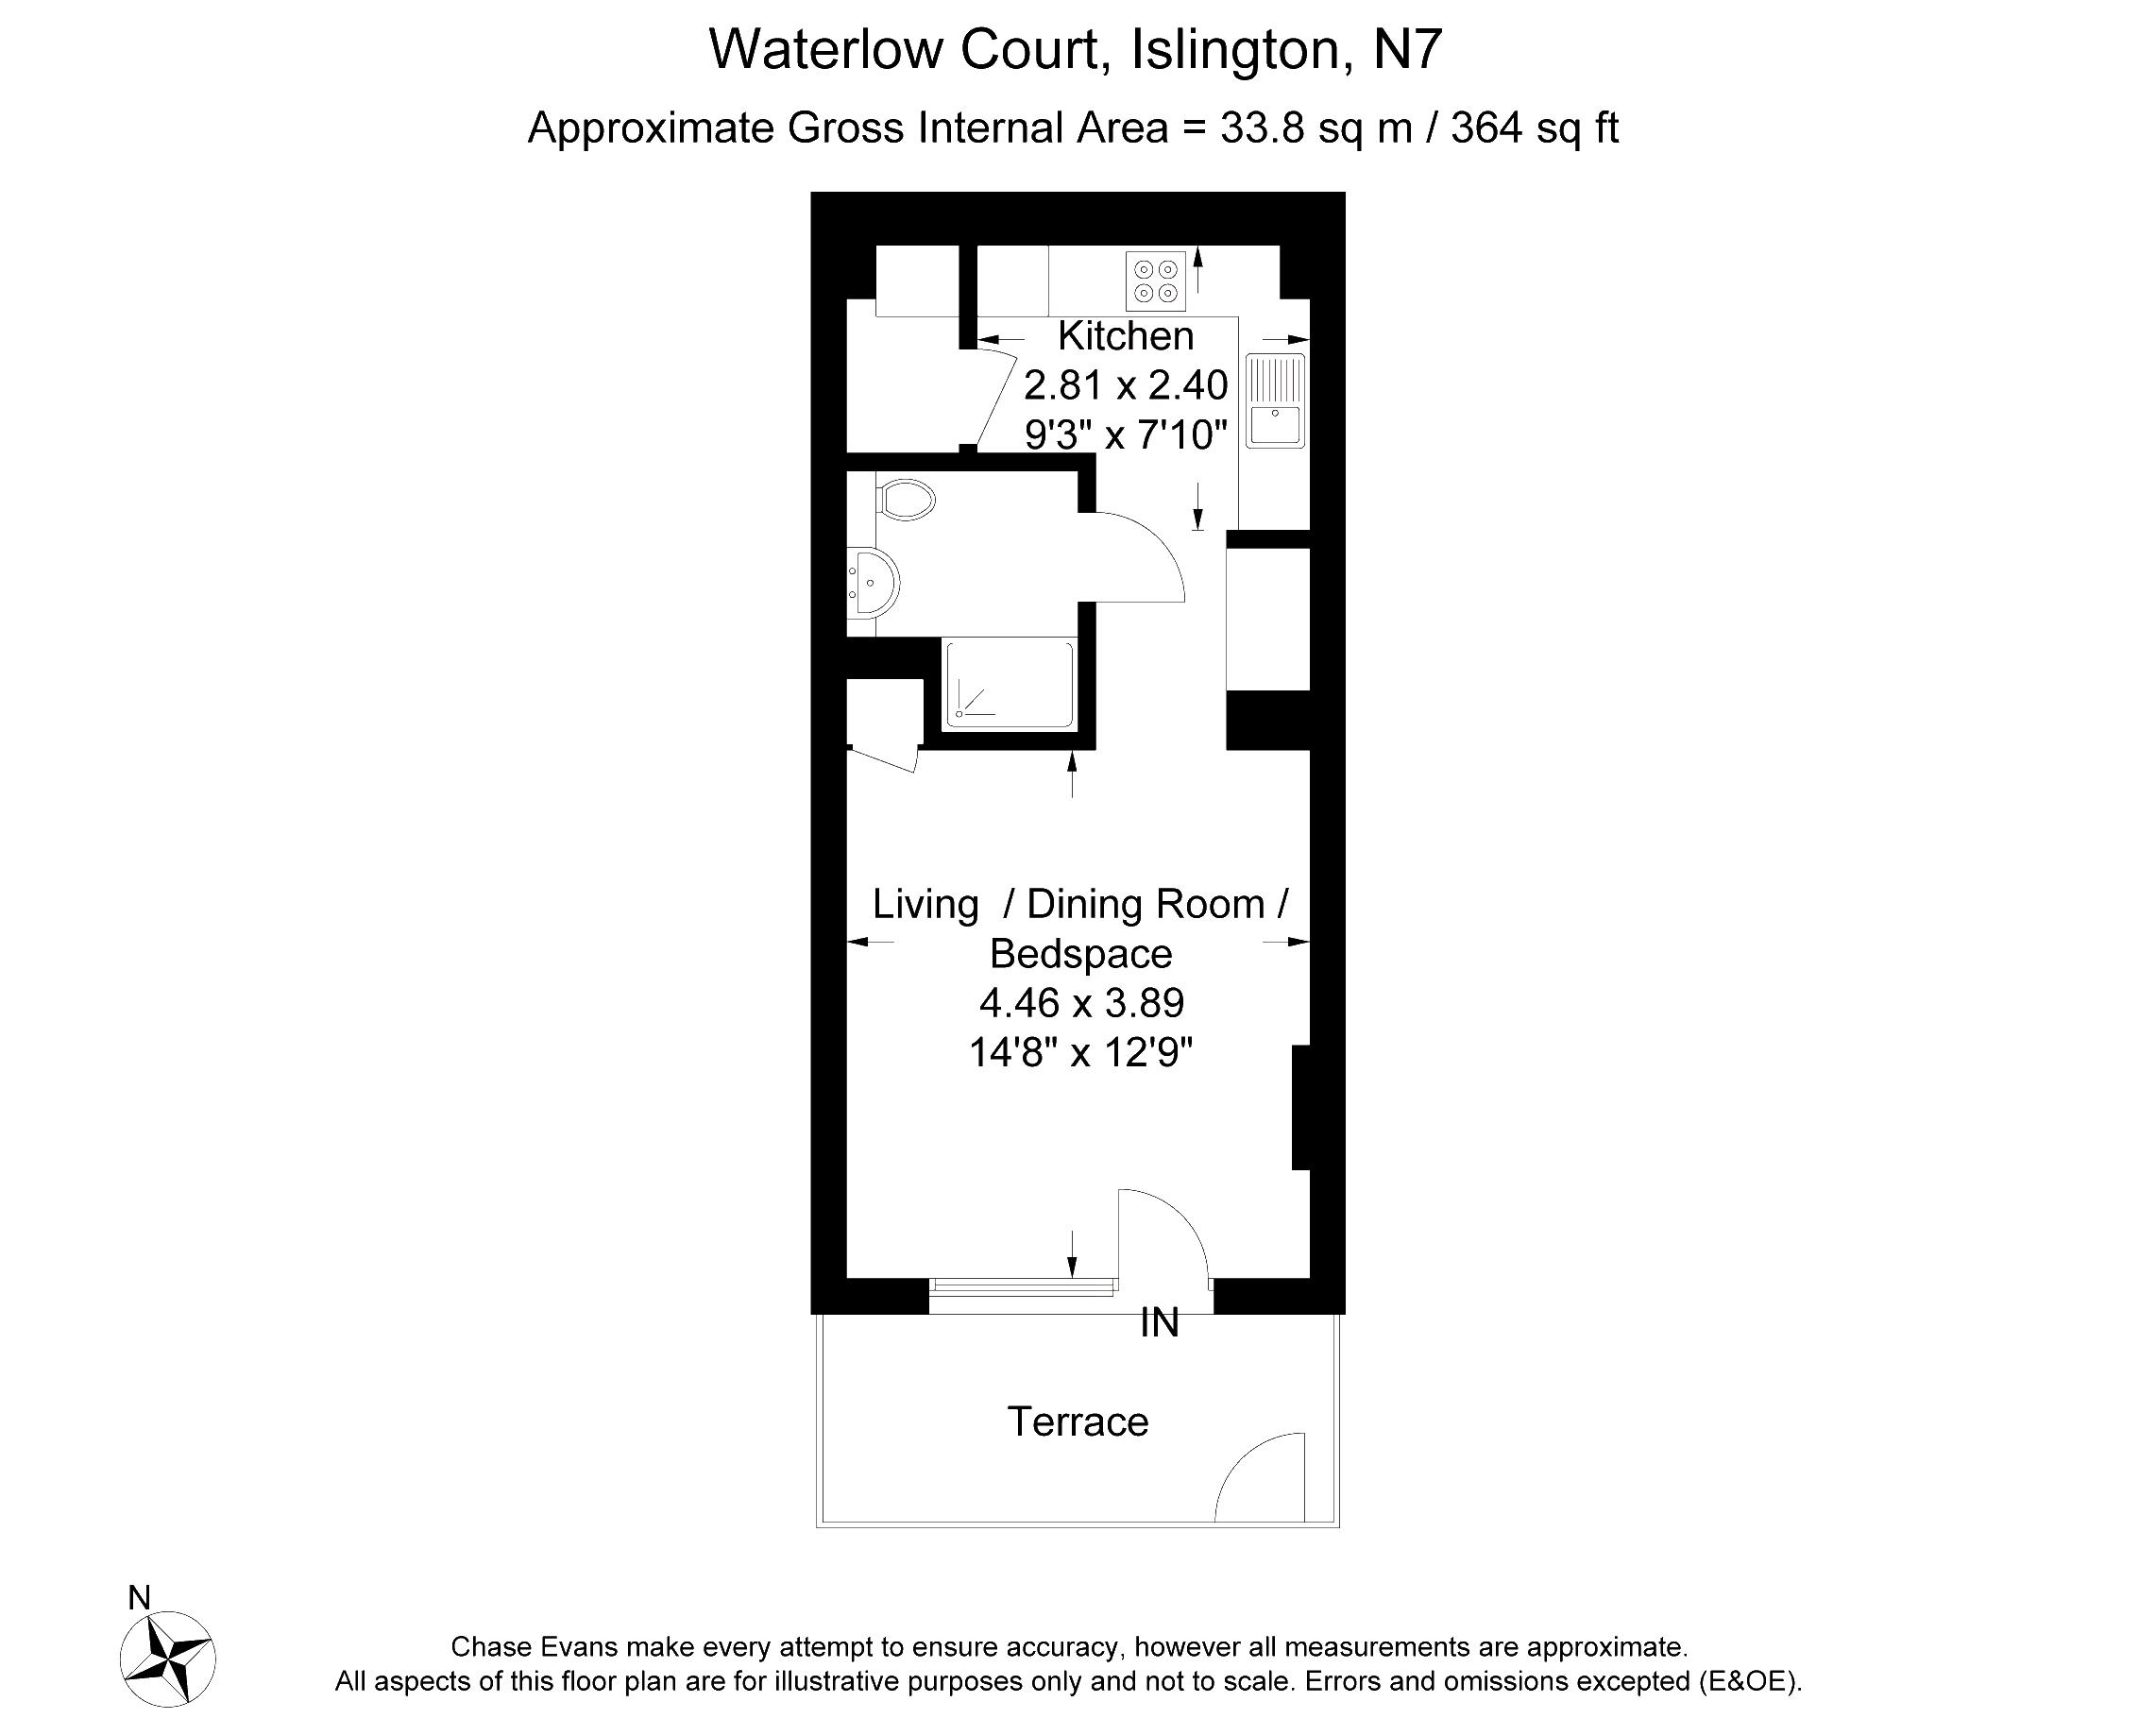 Studio to rent in queensland terrace waterlow court for Queensland terrace